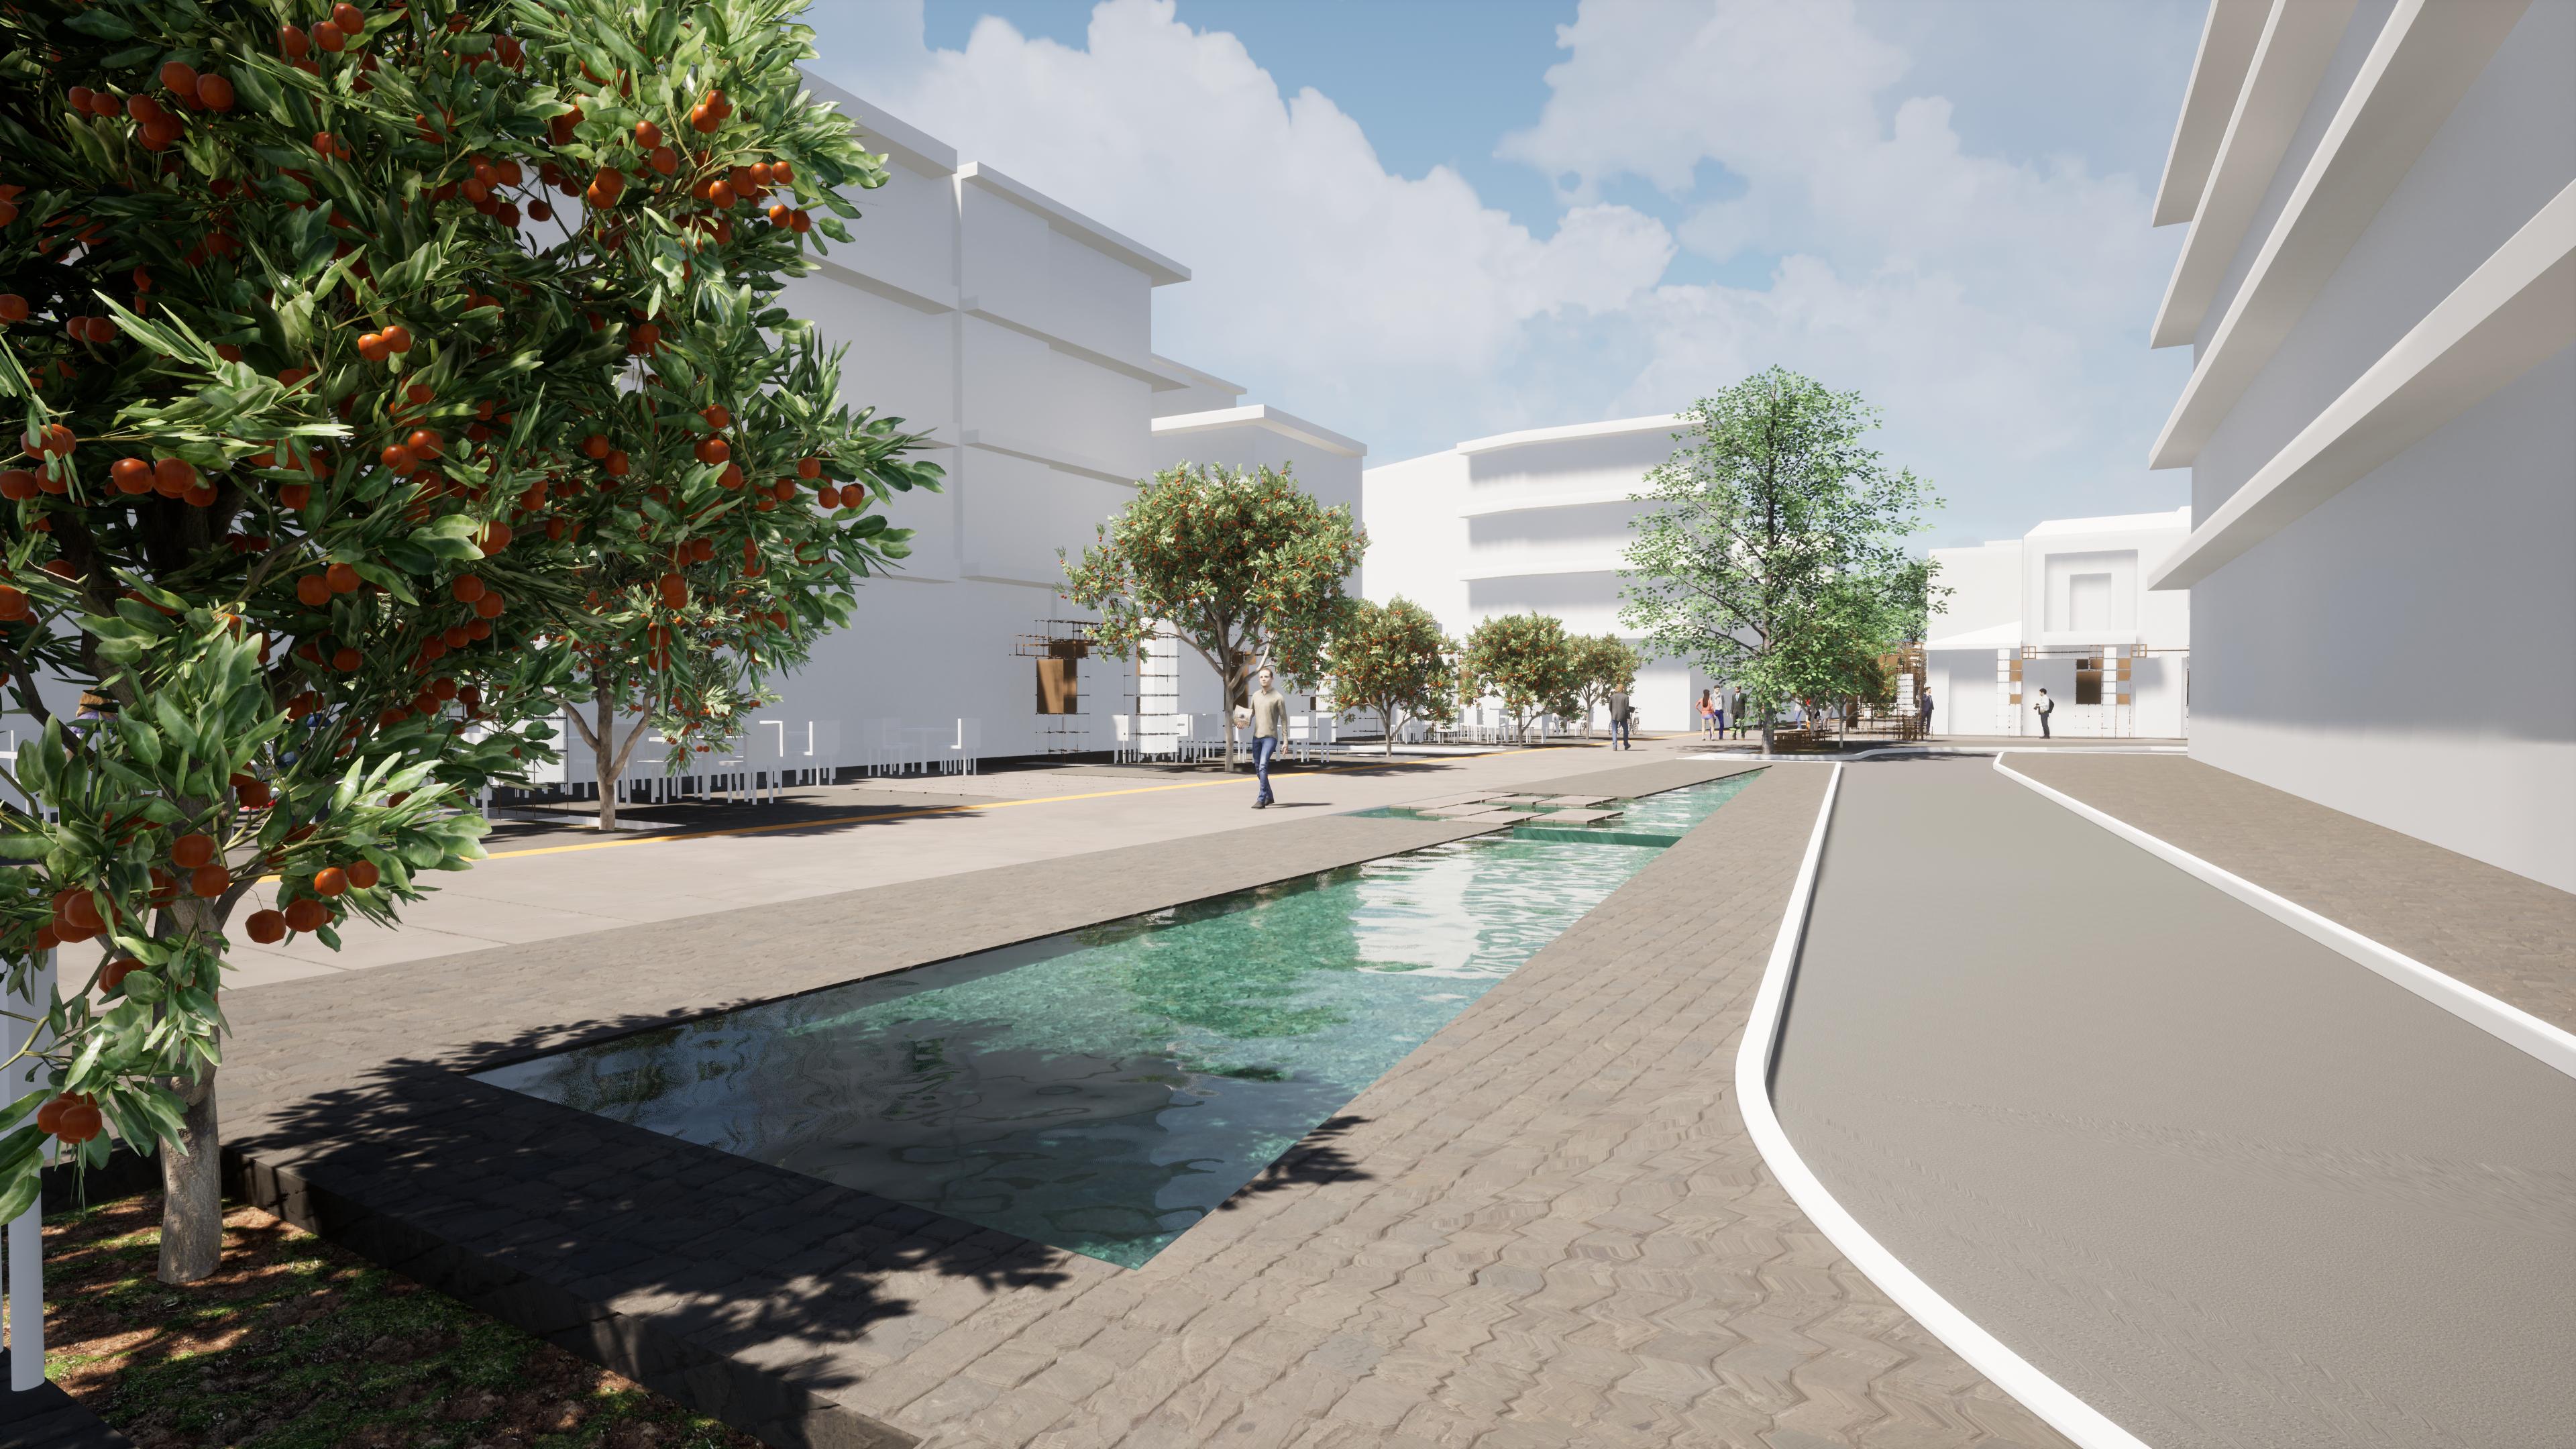 Τρίτο βραβείο στον Αρχιτεκτονικό Διαγωνισμό Ιδεών για το Open Mall της Άρτας